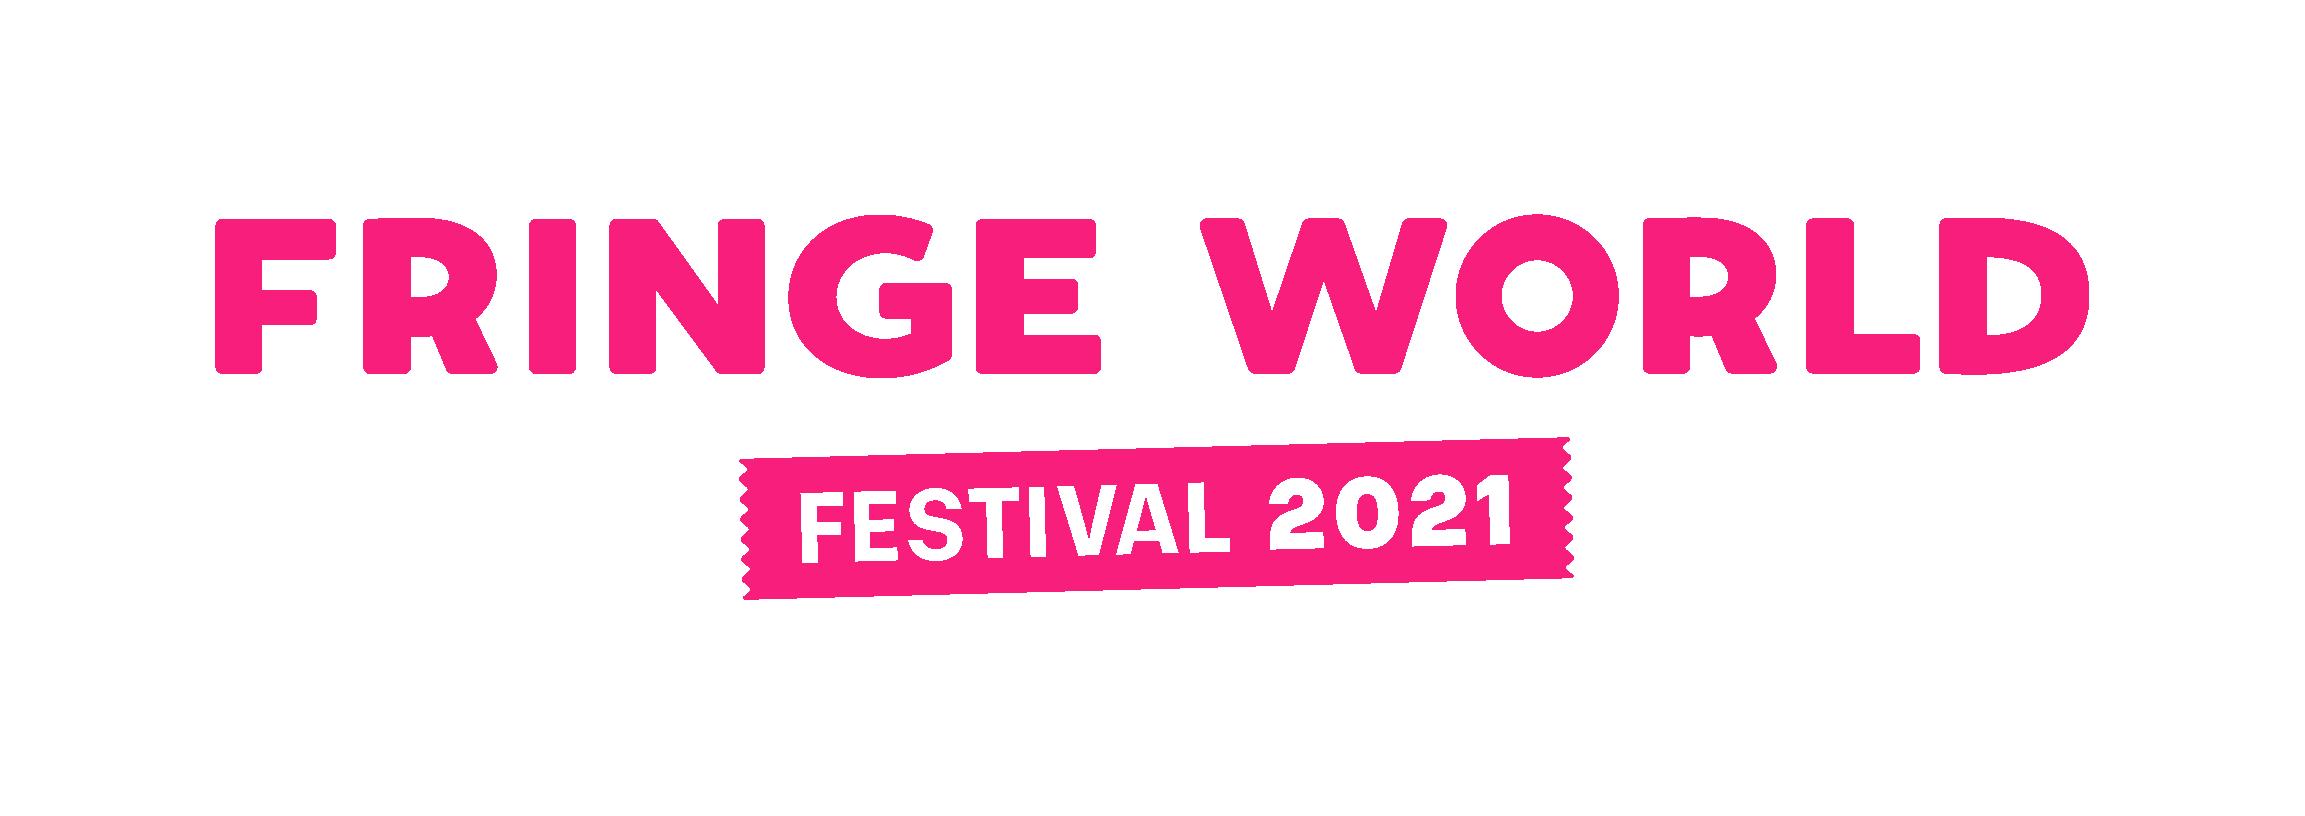 Fringe World 2021